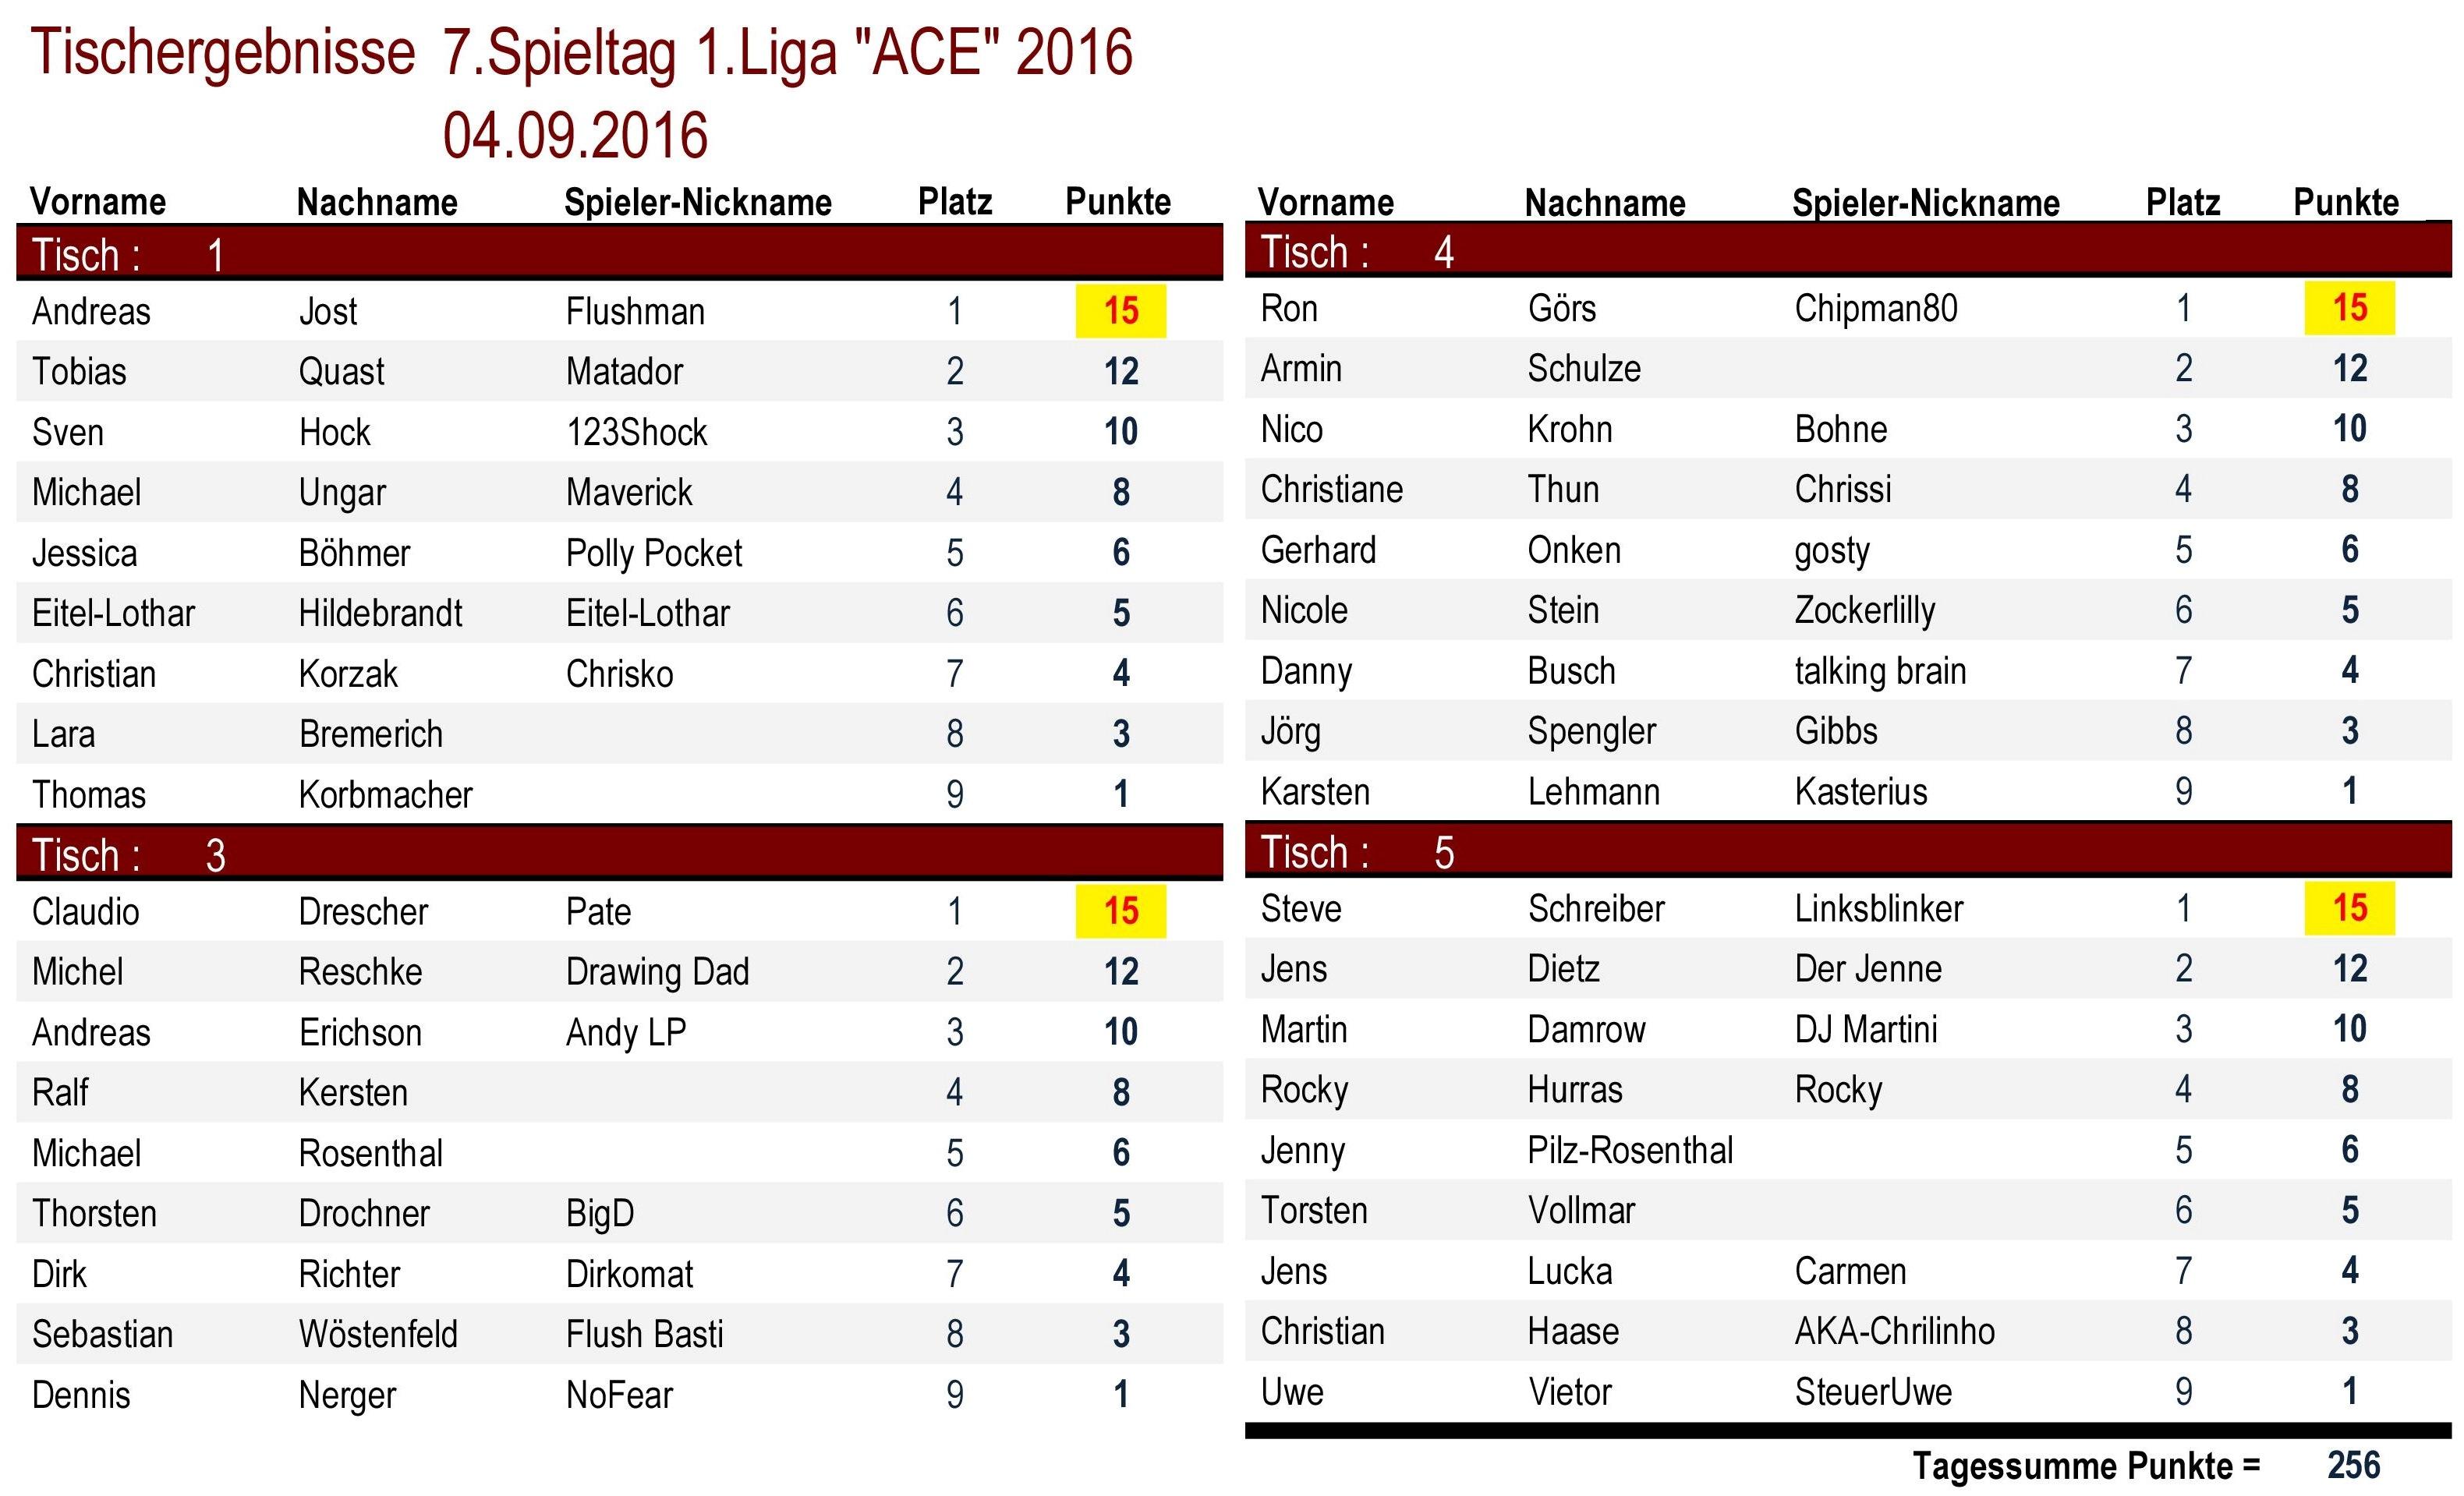 Tischergebnisse 1.Liga `ACE` 7.Spieltag 2016